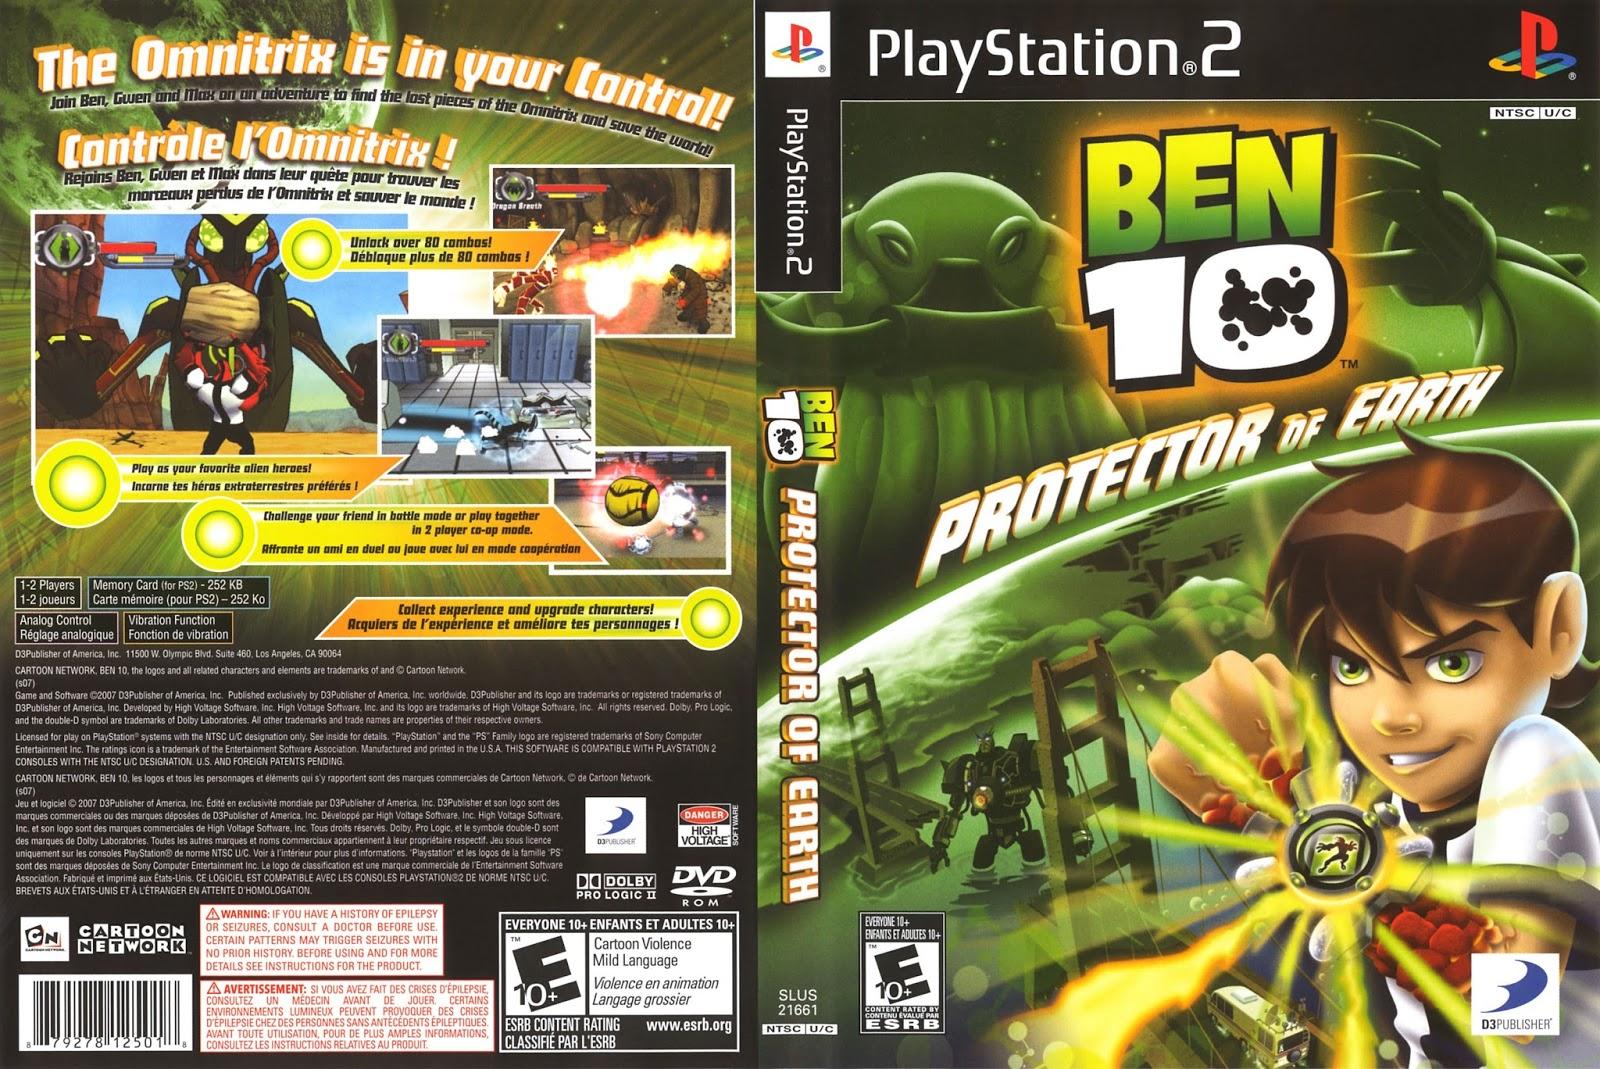 DESCARGAR BEN 10 PROTECTOR OF EARTH PARA PC  juegos y tecnologia